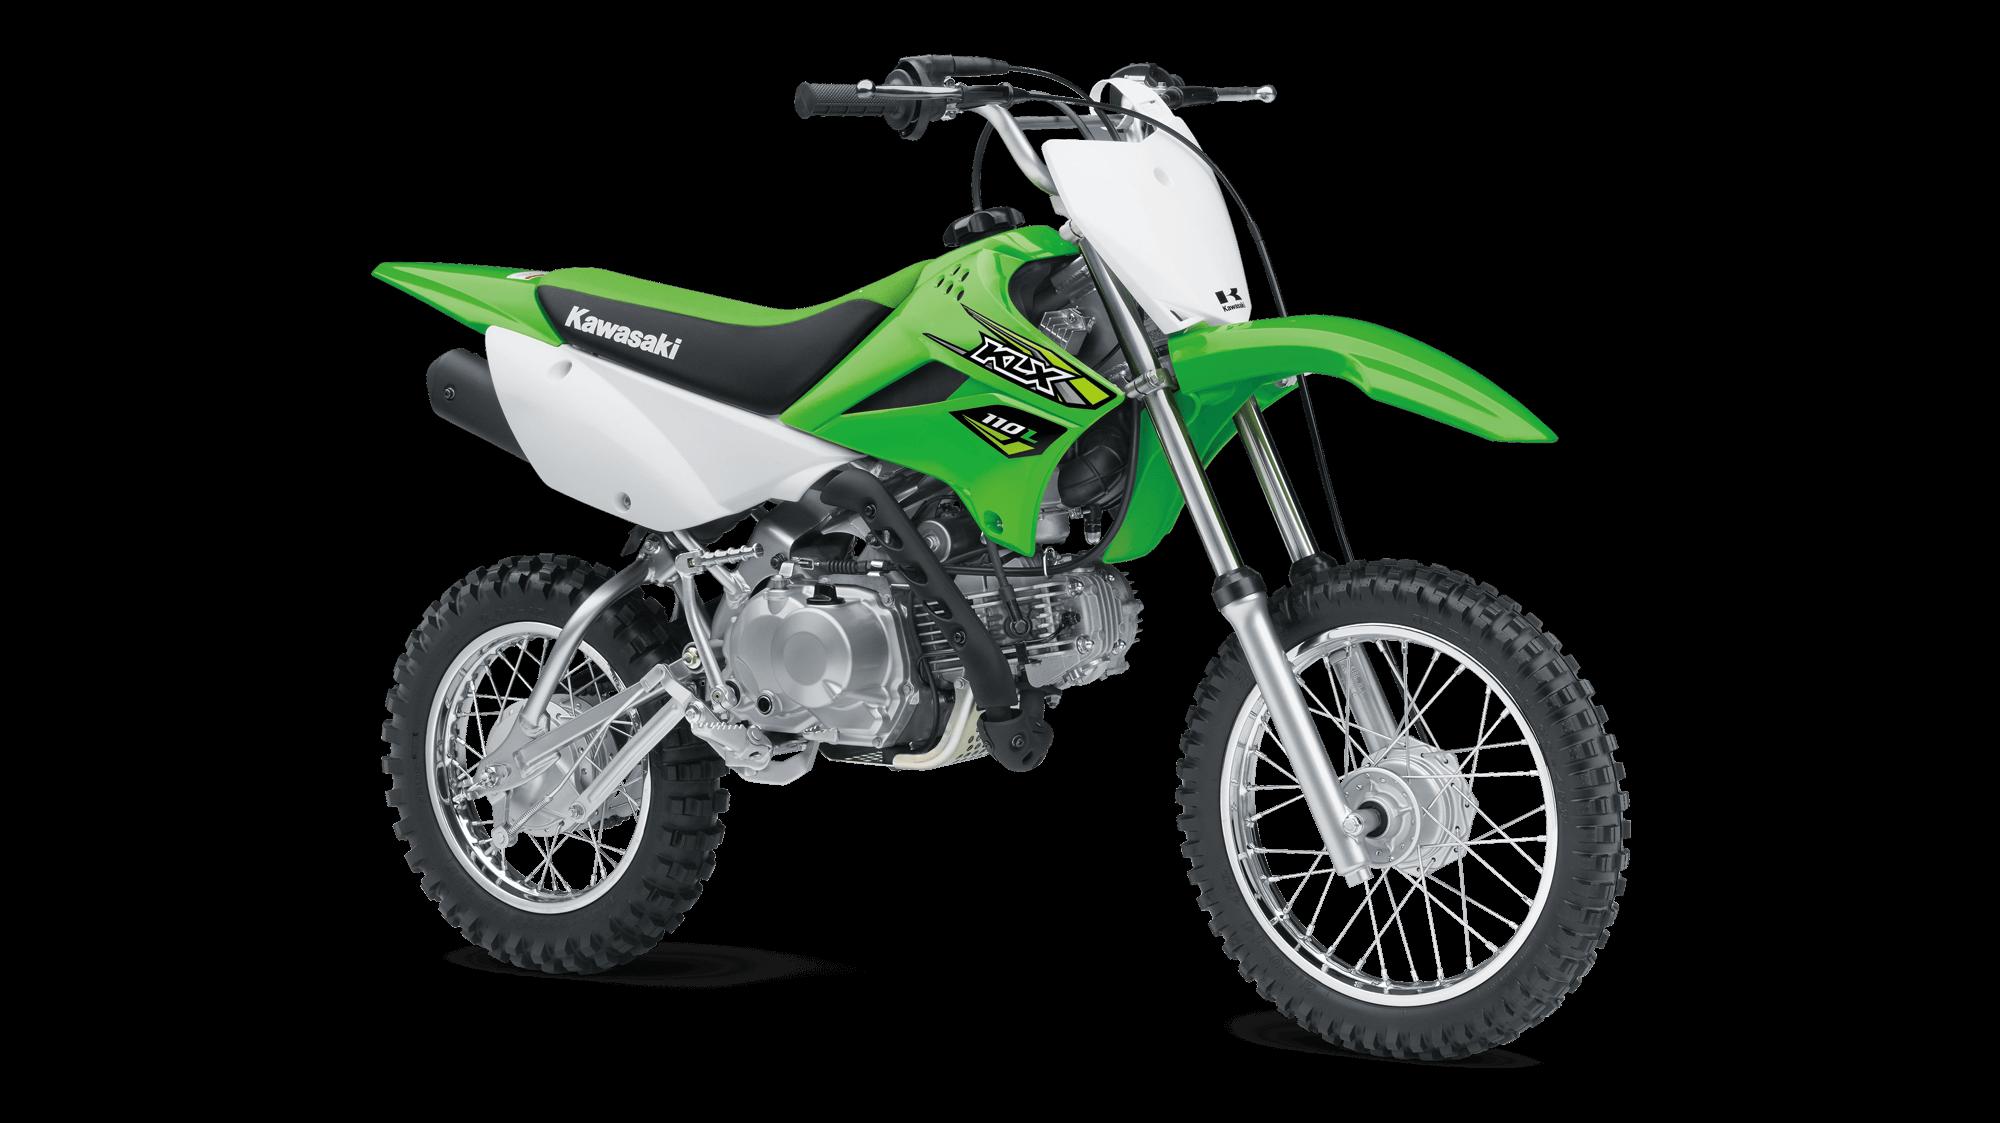 2018 KLX®110L Off-Road Motorcycle by Kawasaki